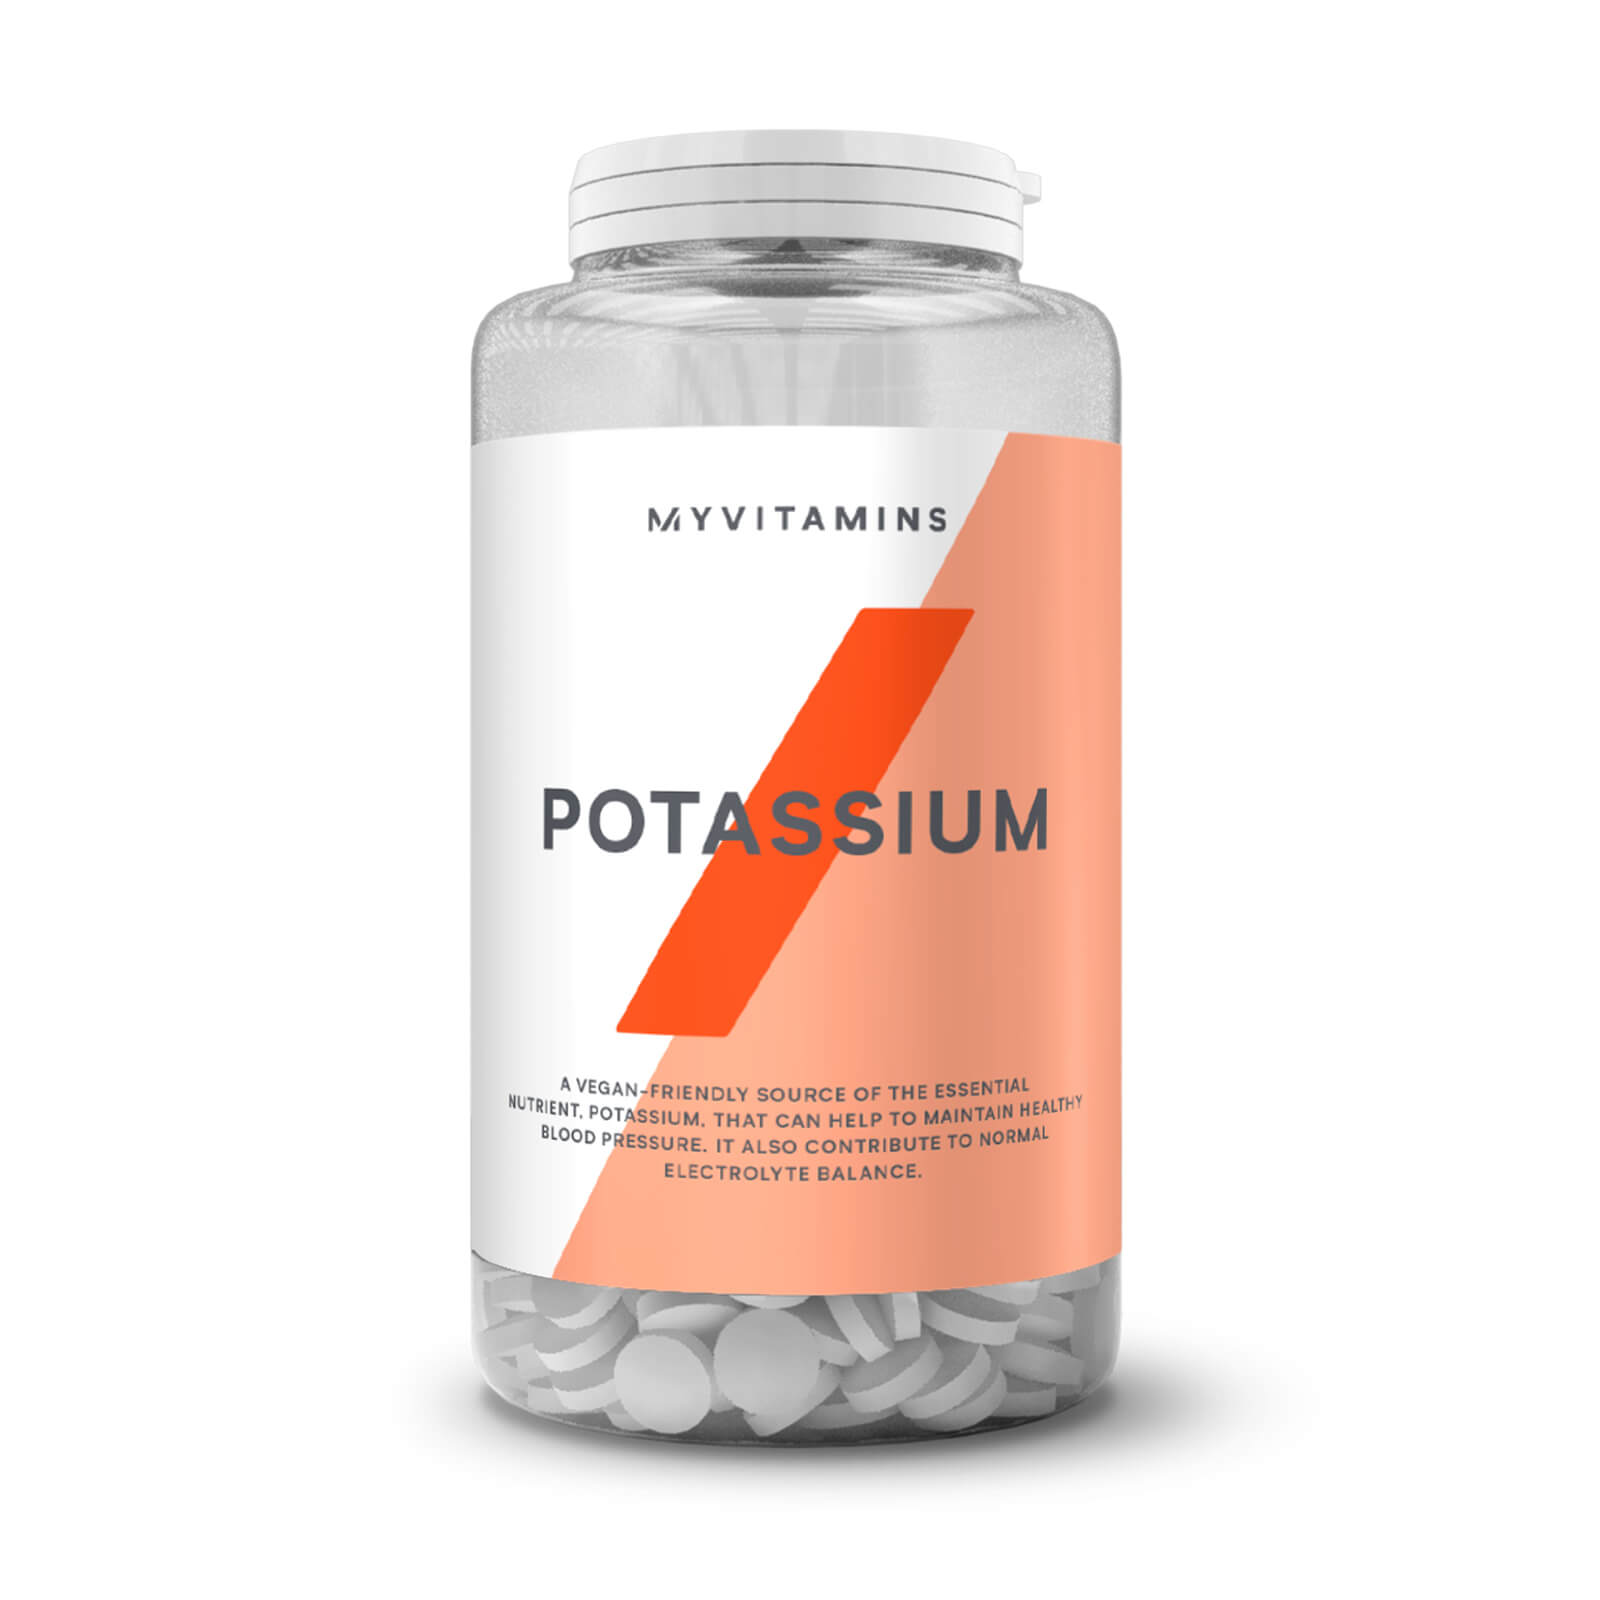 Myvitamins Potassium - 90Tablets